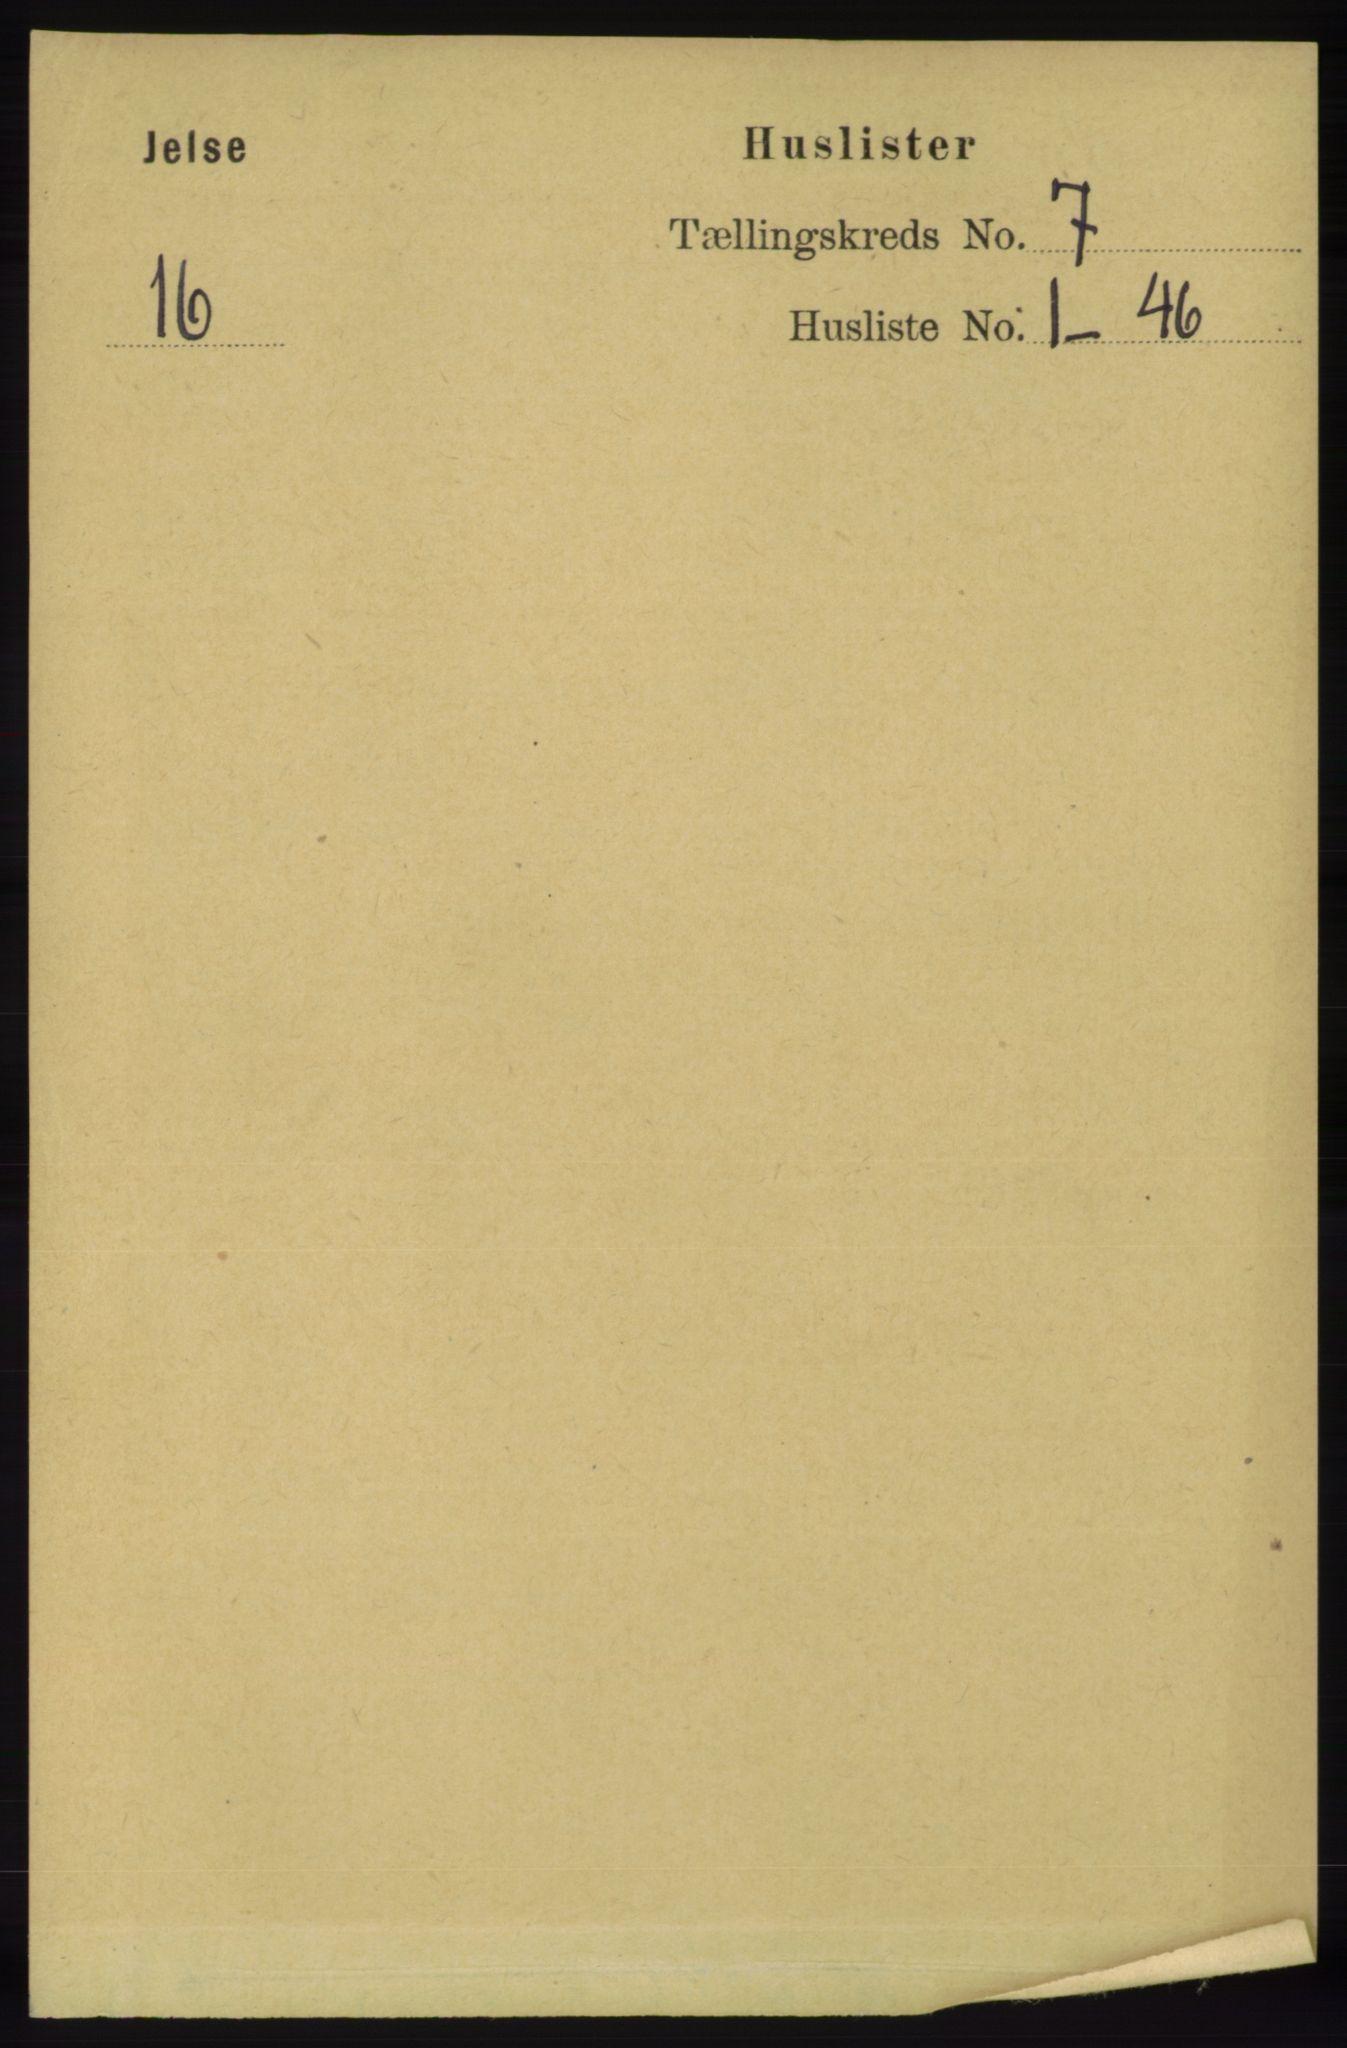 RA, Folketelling 1891 for 1138 Jelsa herred, 1891, s. 1495